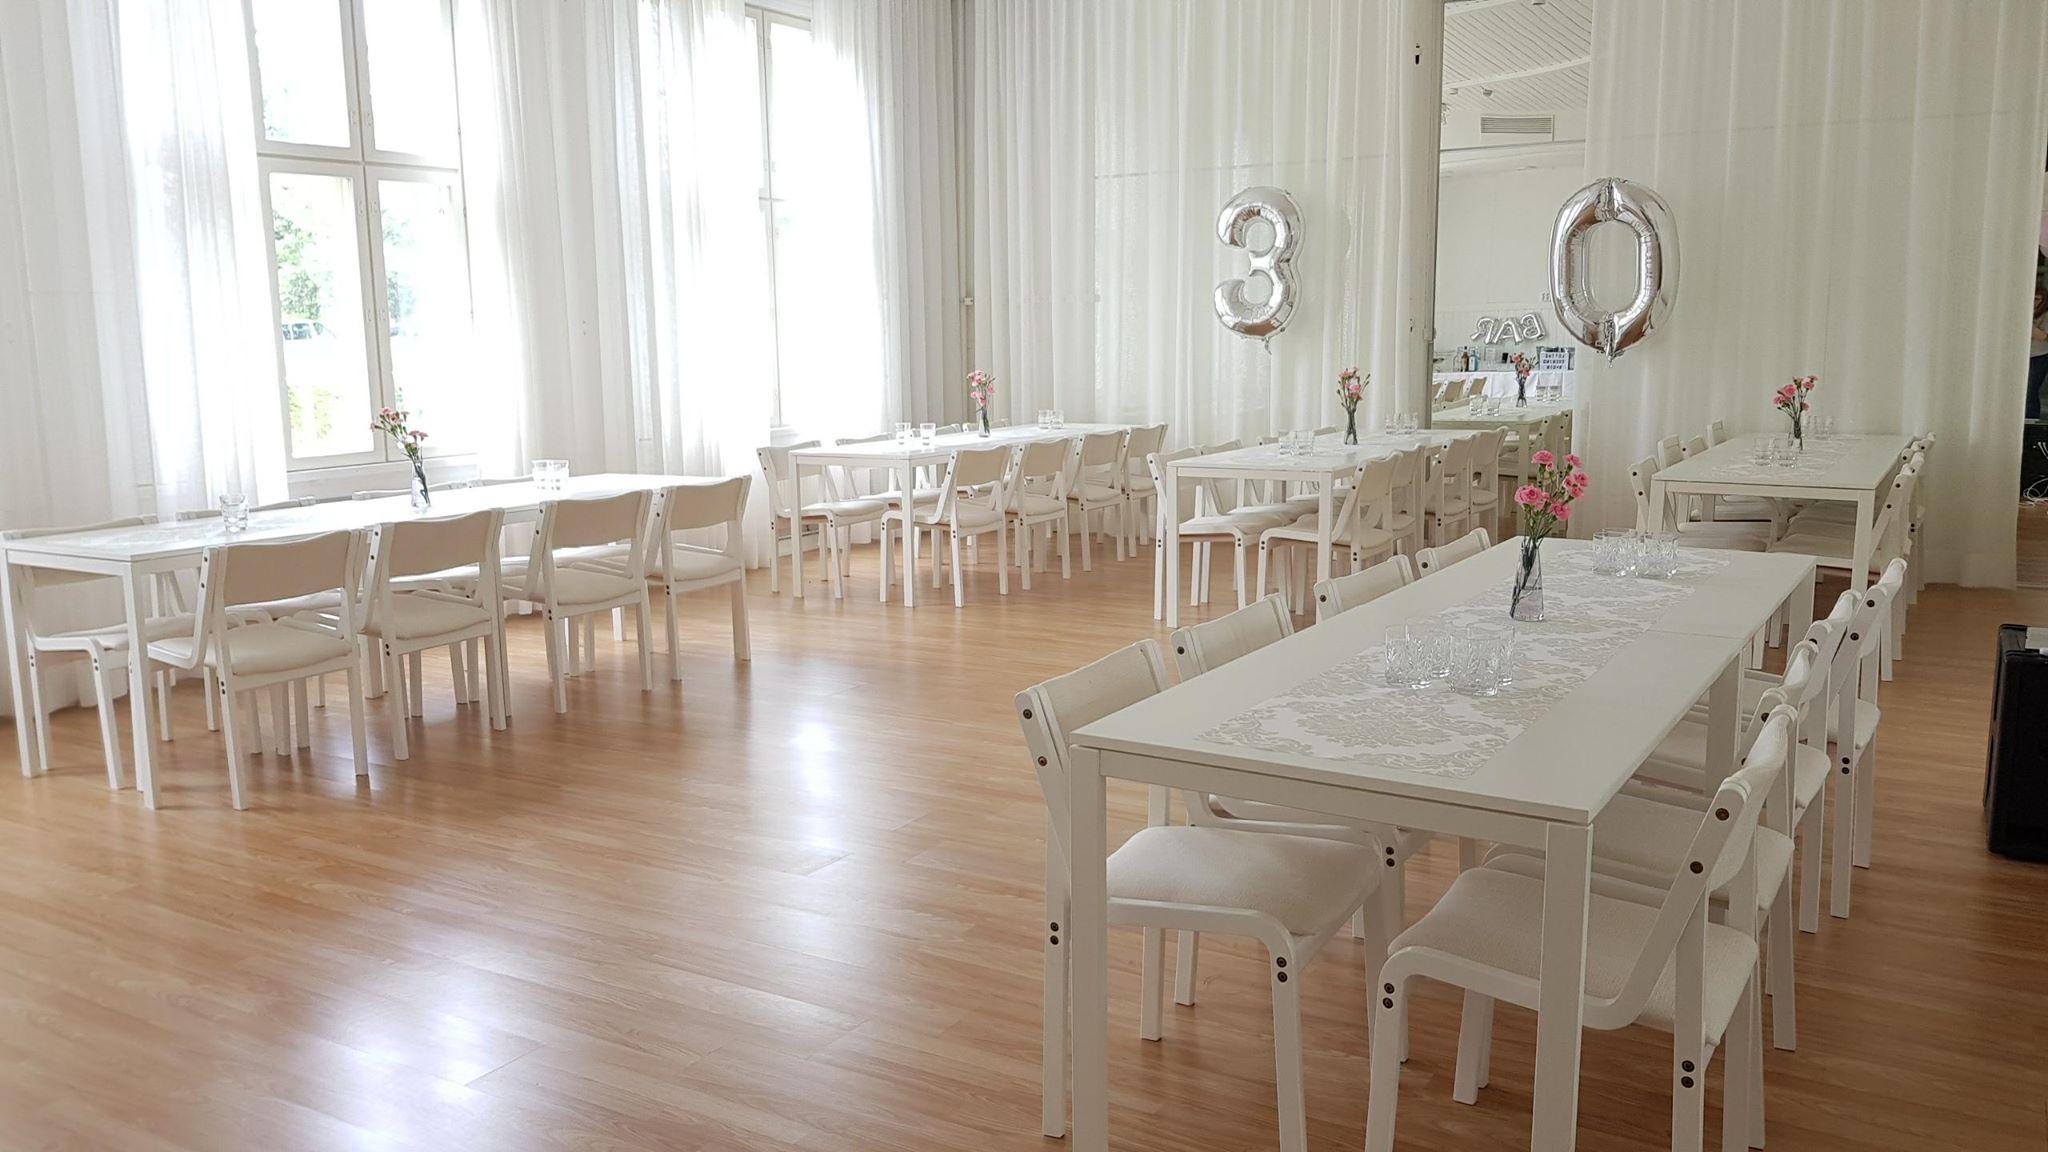 KATAJAsali / ToeStar-sali - 65m². Istumapaikkoja mahtuu noin 80kpl ja pöytien ääreen mahtuu noin 60 henkilöä.Salissa on äänentoisto. Muu kokoustekniikka sopimuksen mukaan.80,oo€ 08:00 - 12:00 arkipäivänä80,oo€ 12:00 - 16:00 arkipäivänä130,oo€ Arkipäivä kello 08:00-16:00 (arki-illat eivät ole varattavissa)250,oo€ Perjantai350,oo€ LauantaiKaunis ja valoisa Kataja | ToeStar-sali on vuokrattavissa aamu- ja iltapäiväksi arkipäivisin ja perjantaisin ja lauantaisin koko päiväksi. Sali on tyhjä, mutta Puu-Anttilan kalusteet ovat käytettävissä. Mikäli salissa on tanssitunteja kyseisenä päivänä, pitää sali olla tyhjennetty ja siivottu tuntia ennen kuin tanssitunnit alkavat.